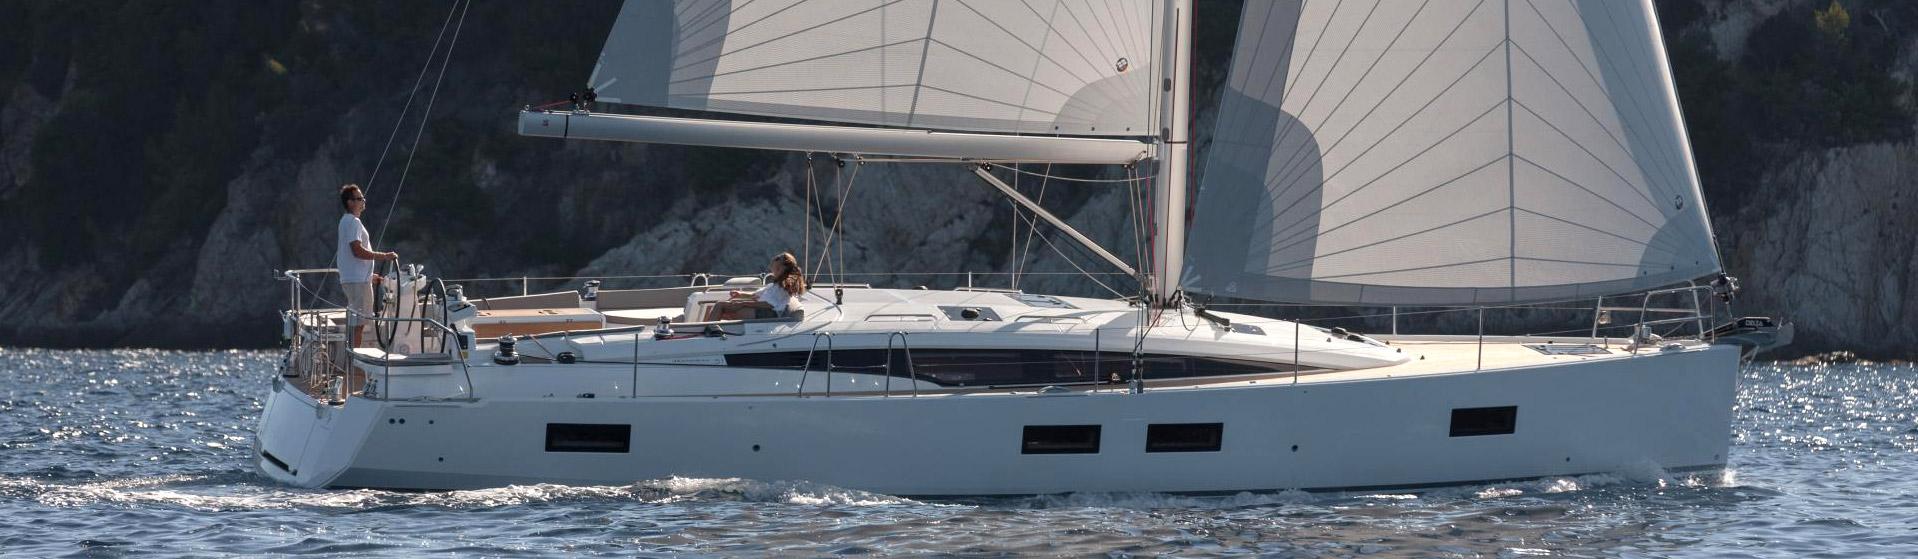 Voilier Jeanneau Yachts 51, voilier de croisière Marseille, Yacht Méditerranée.